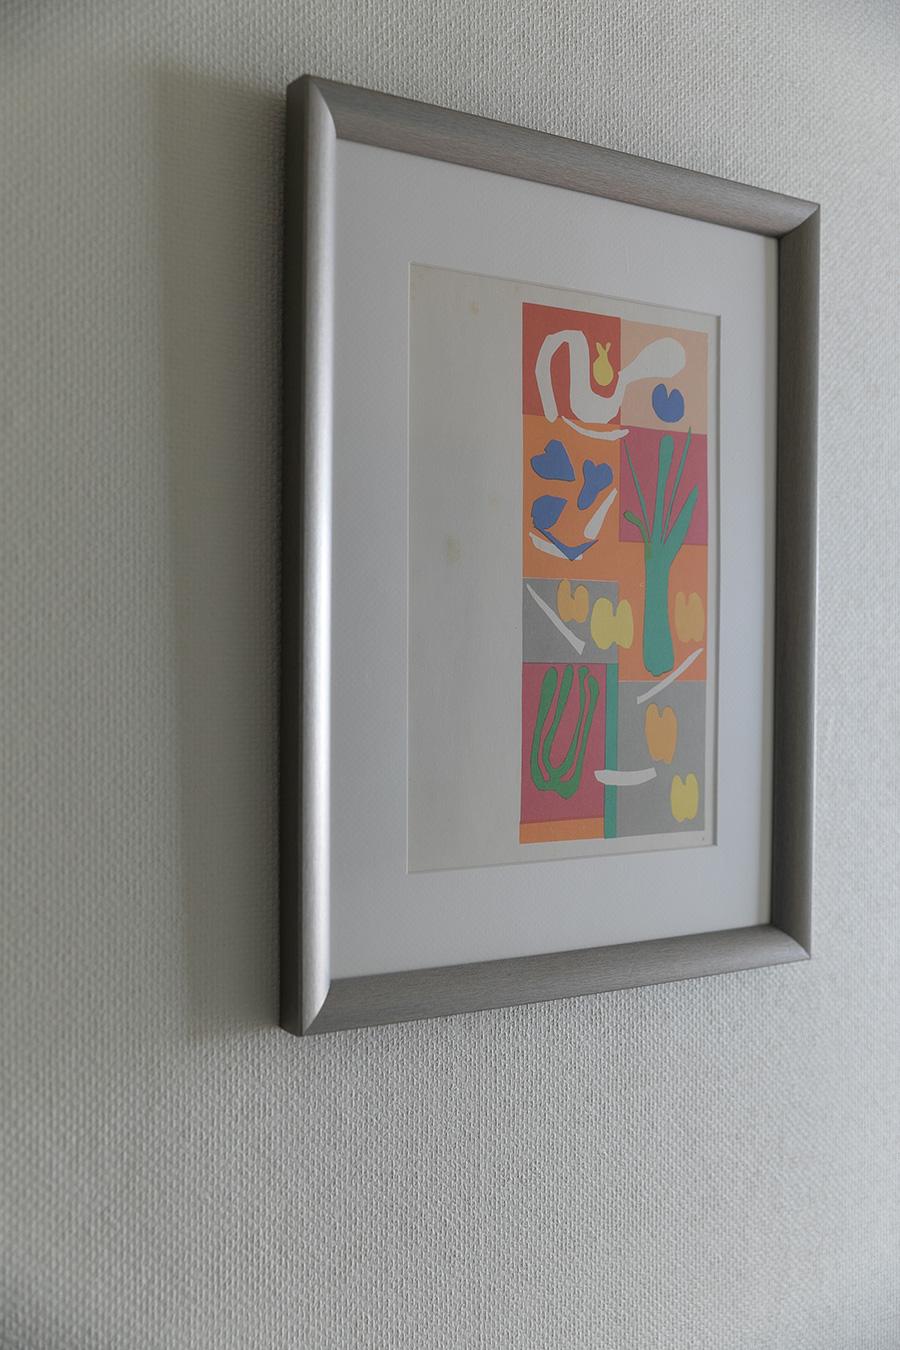 画集から切り抜いて額装したポップな色づかいのマティスの絵画。「古い紙についたシミも味かな」とまきさん。